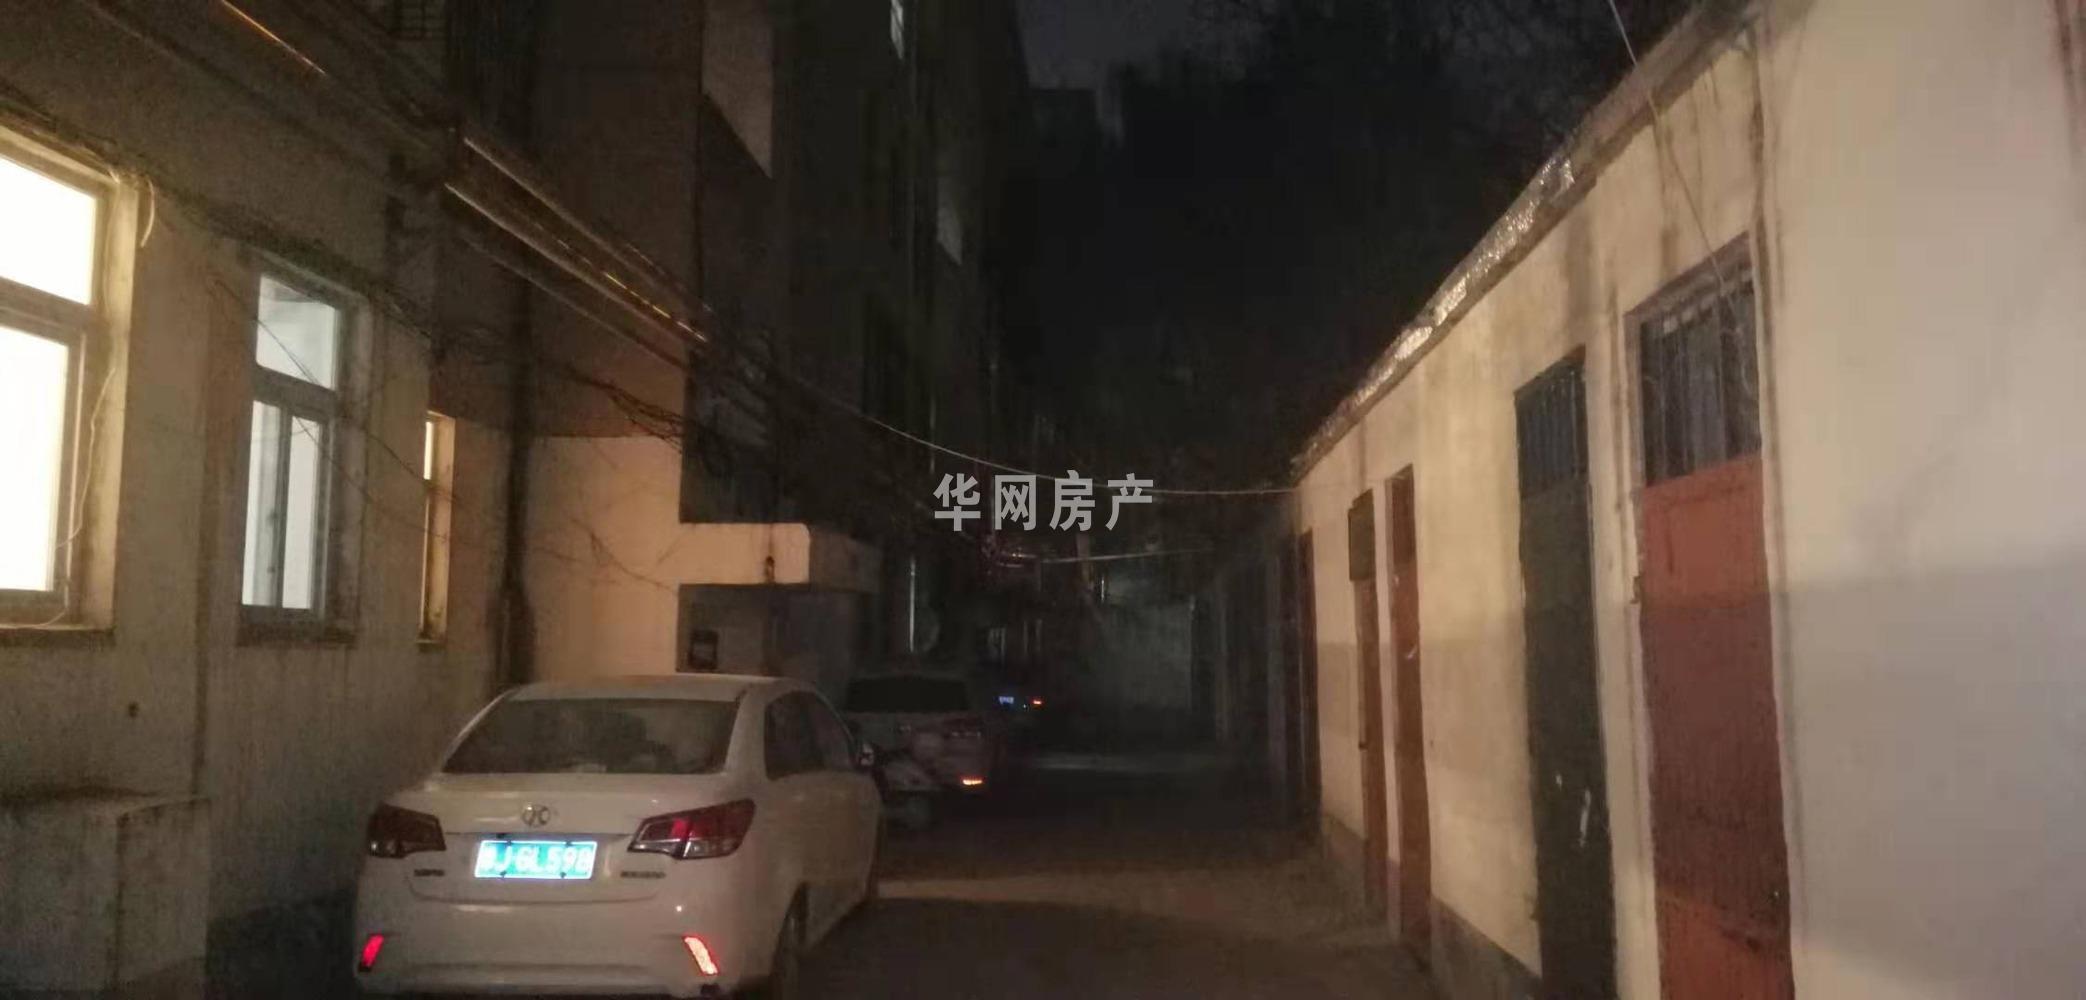 开发公司家属院(永安街)